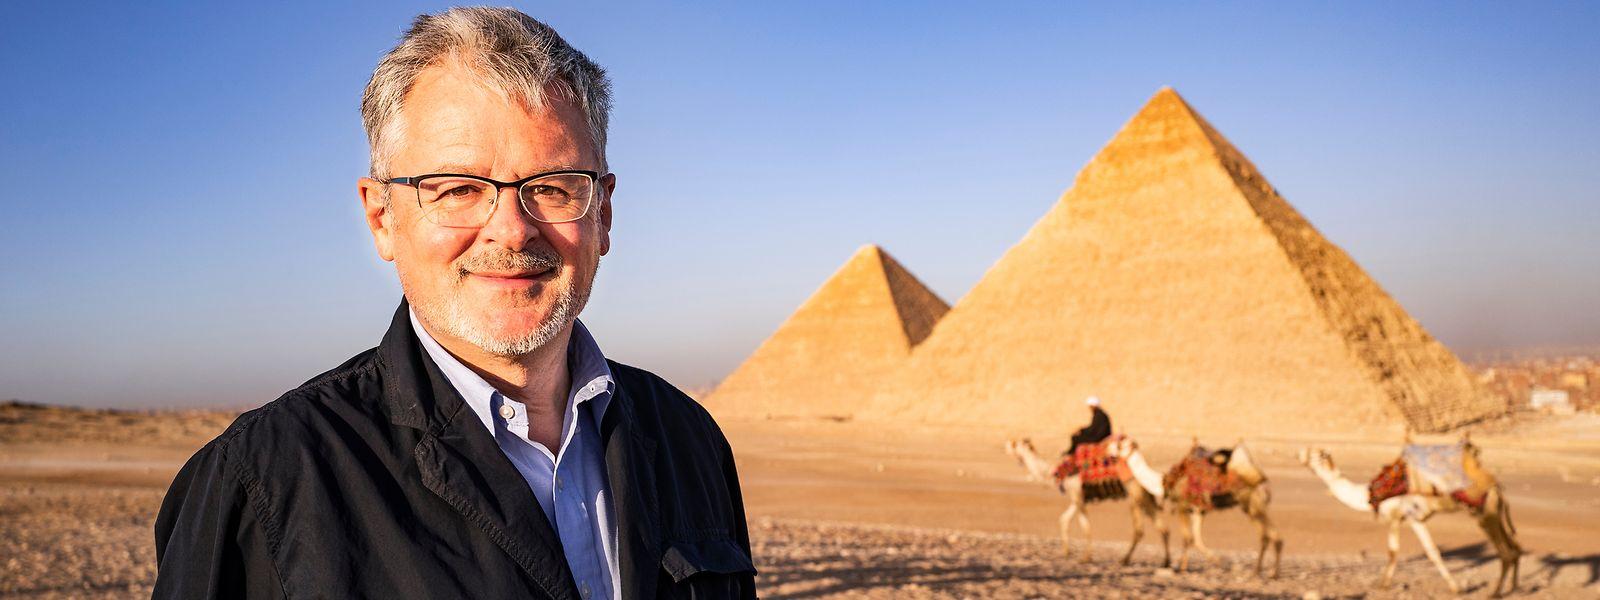 Die Pyramiden von Gizeh sind nicht nur Weltkulturerbe, sondern auch das letzte noch existierende antike Weltwunder.